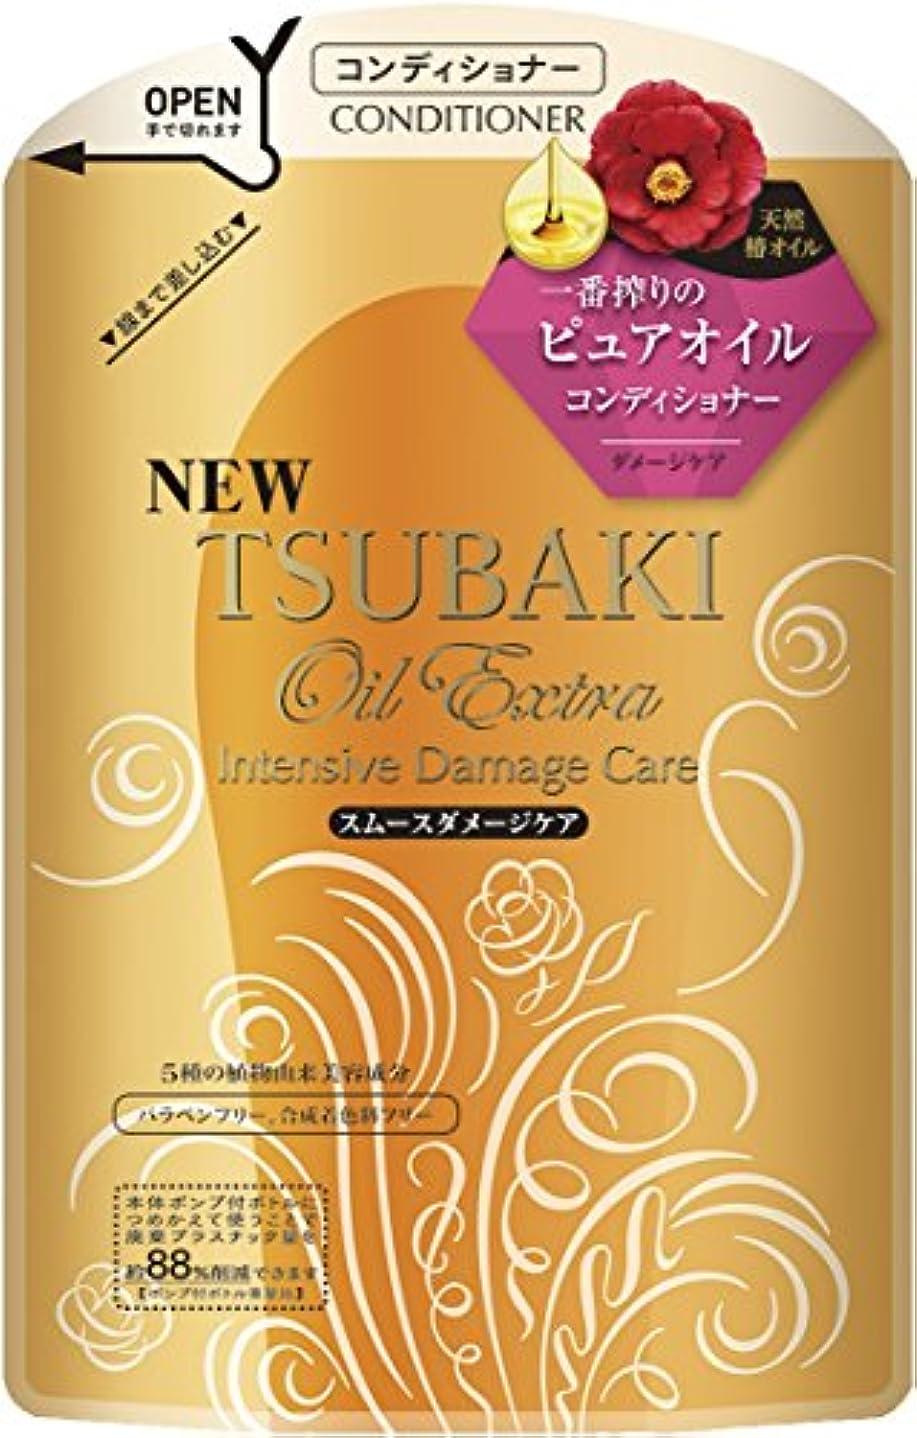 かけがえのないエステート緊急TSUBAKI オイルエクストラ スムースダメージケア コンディショナー 詰め替え用 (からまりやすい髪用) 330ml